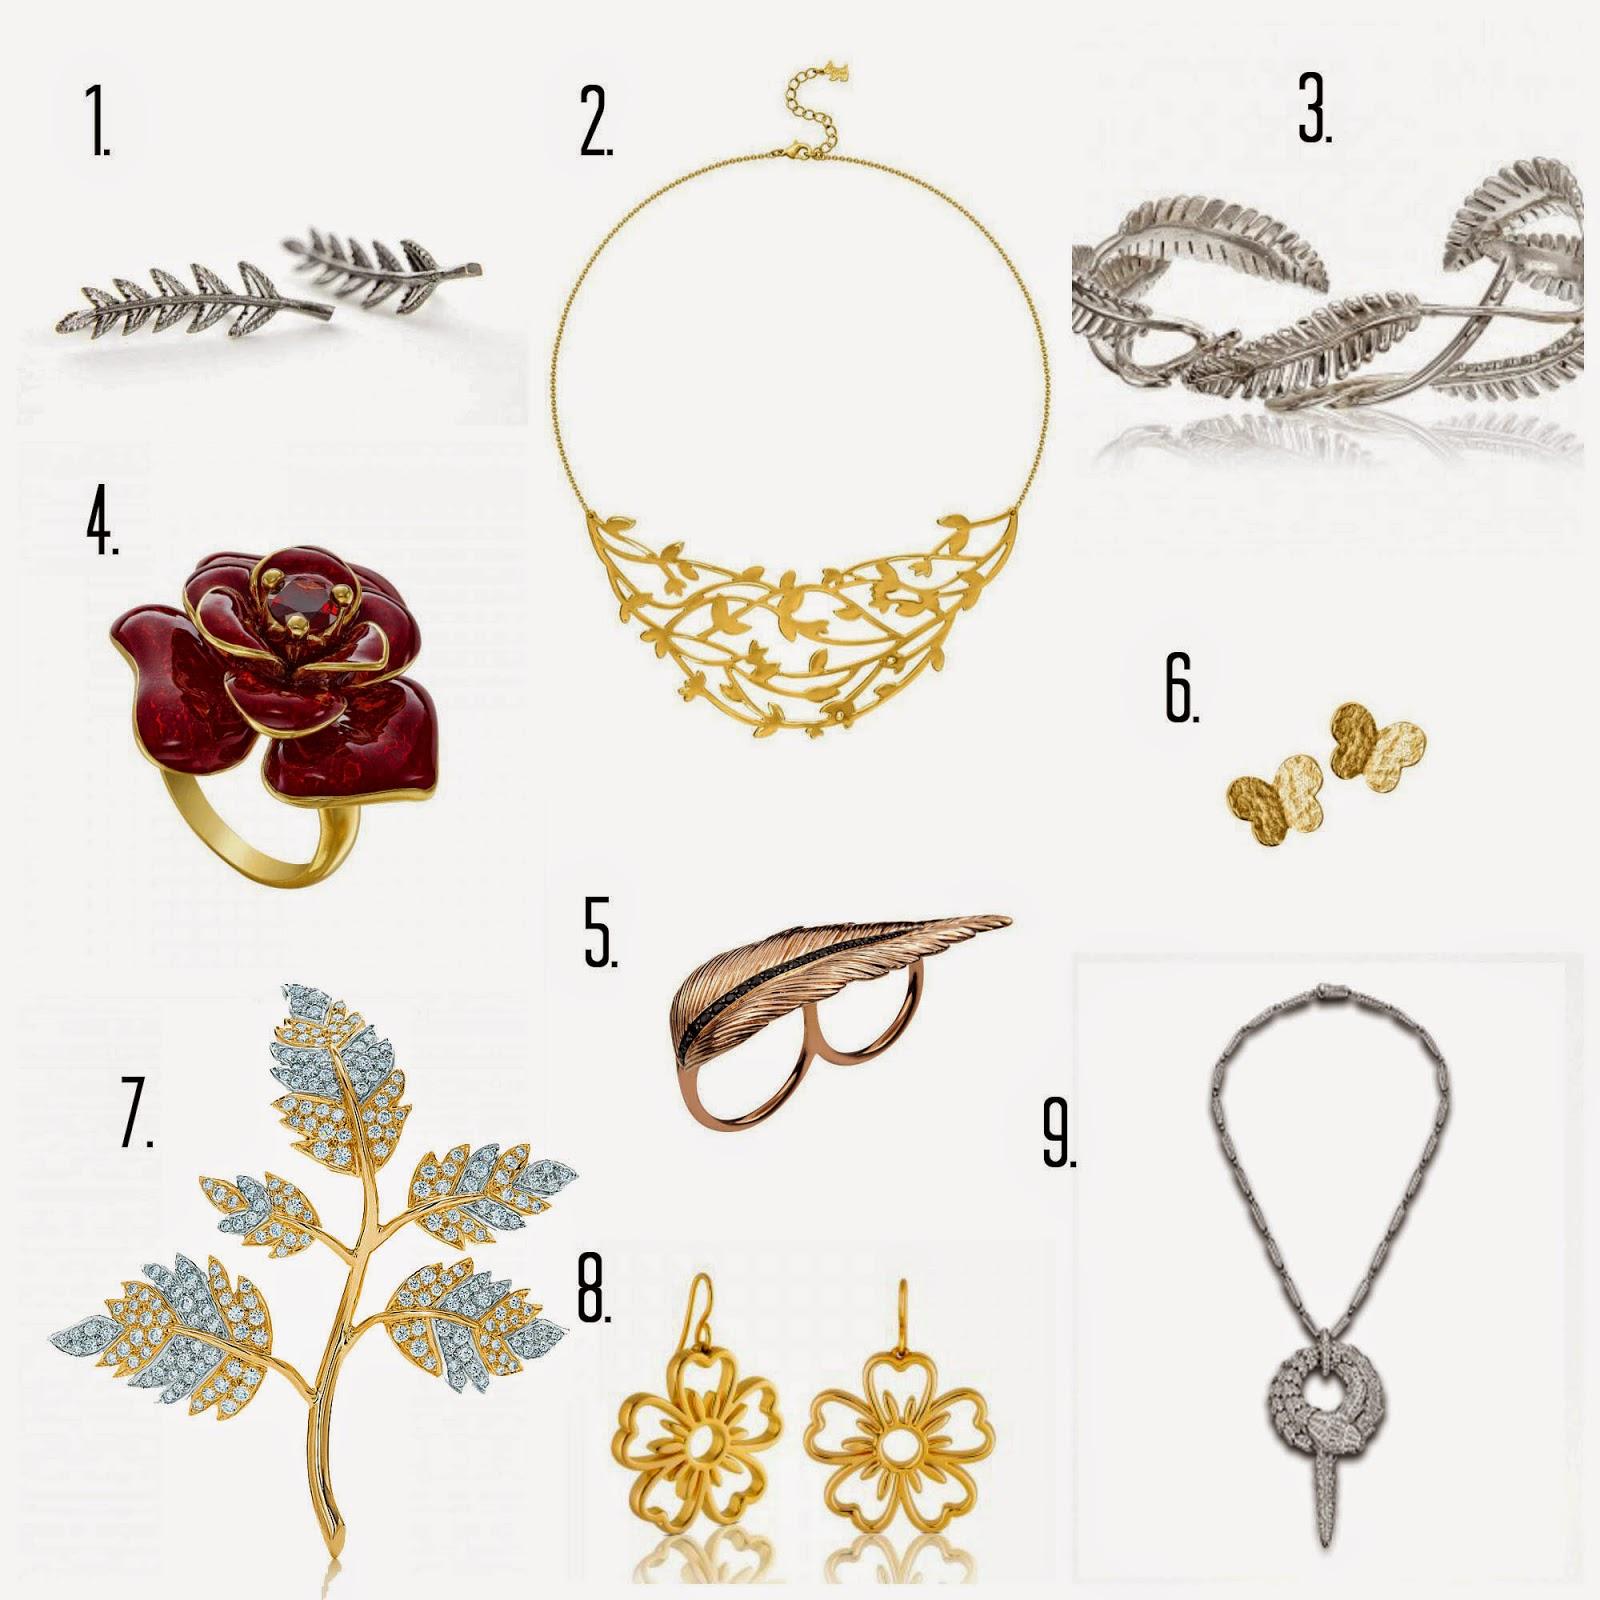 Esencia Trendy pasarela otoño invierno 2014 2015 joyas collares detalles flores complementos jewels luxe Asesoria de Imagen Personal Shopper